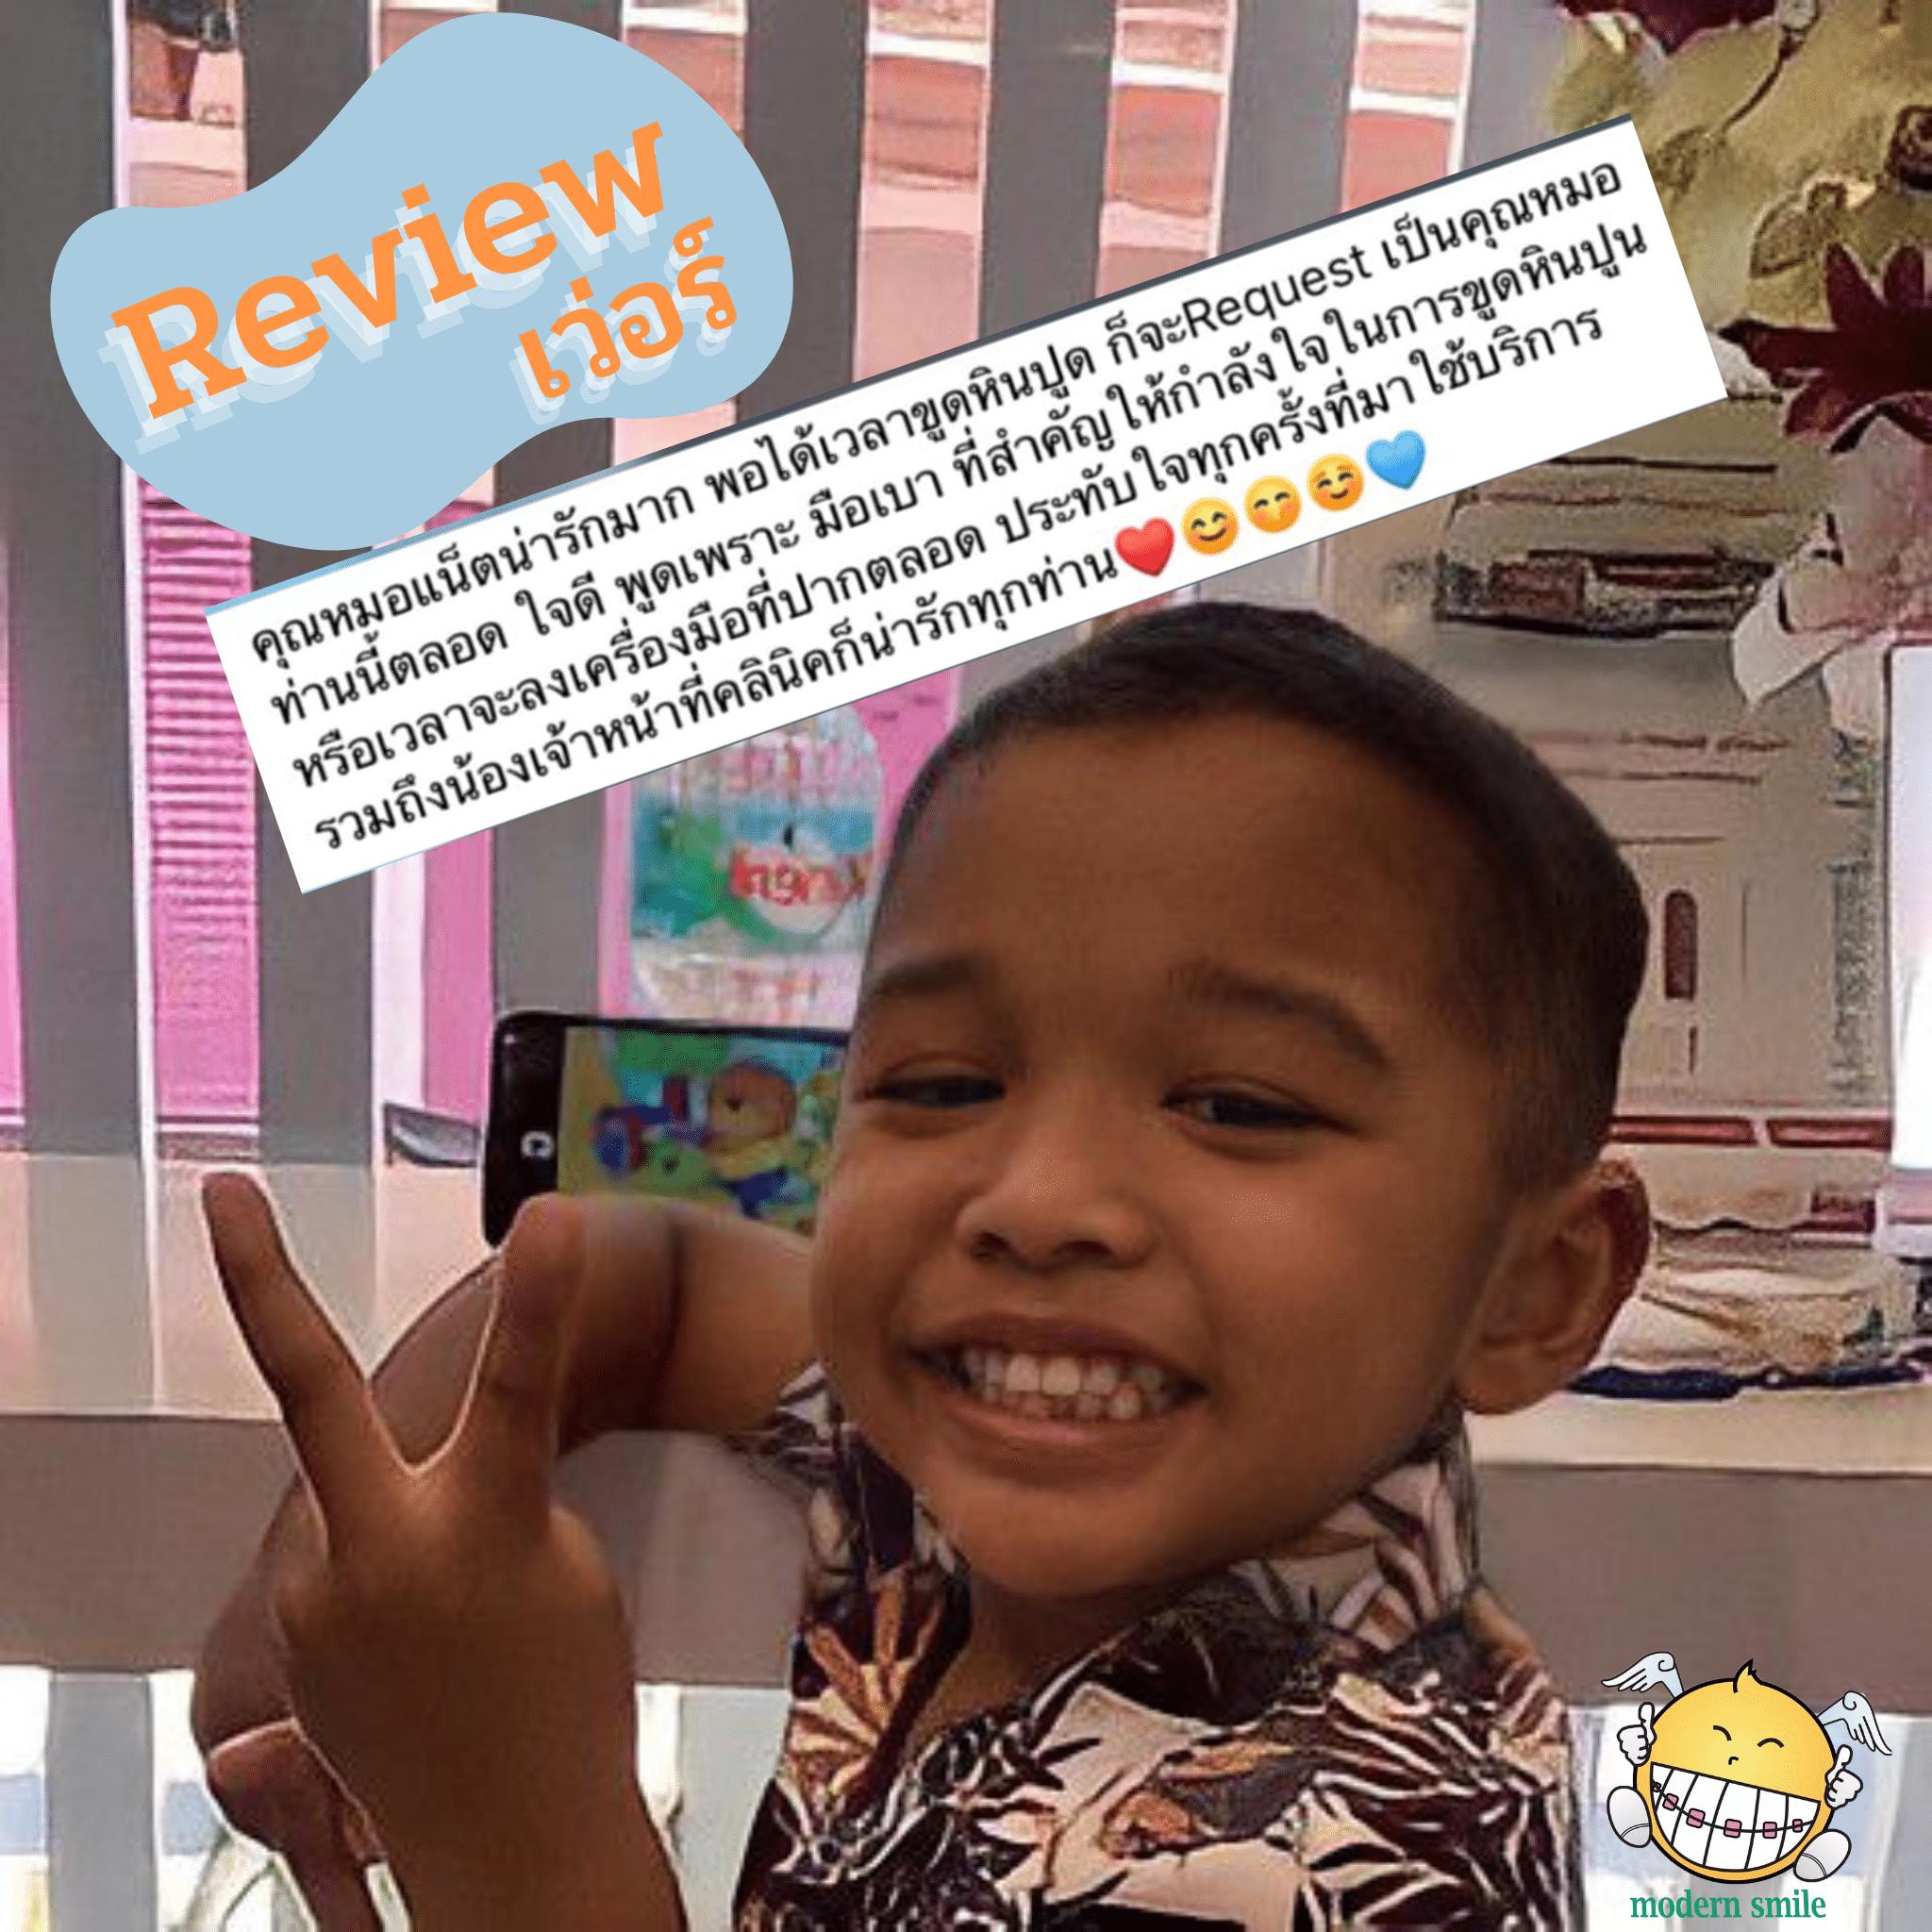 รีวิว Review ทำฟันเด็ก อุดฟันเด็ก ถอนฟันเด็ก เคลือบฟลูออไรด์เด็ก